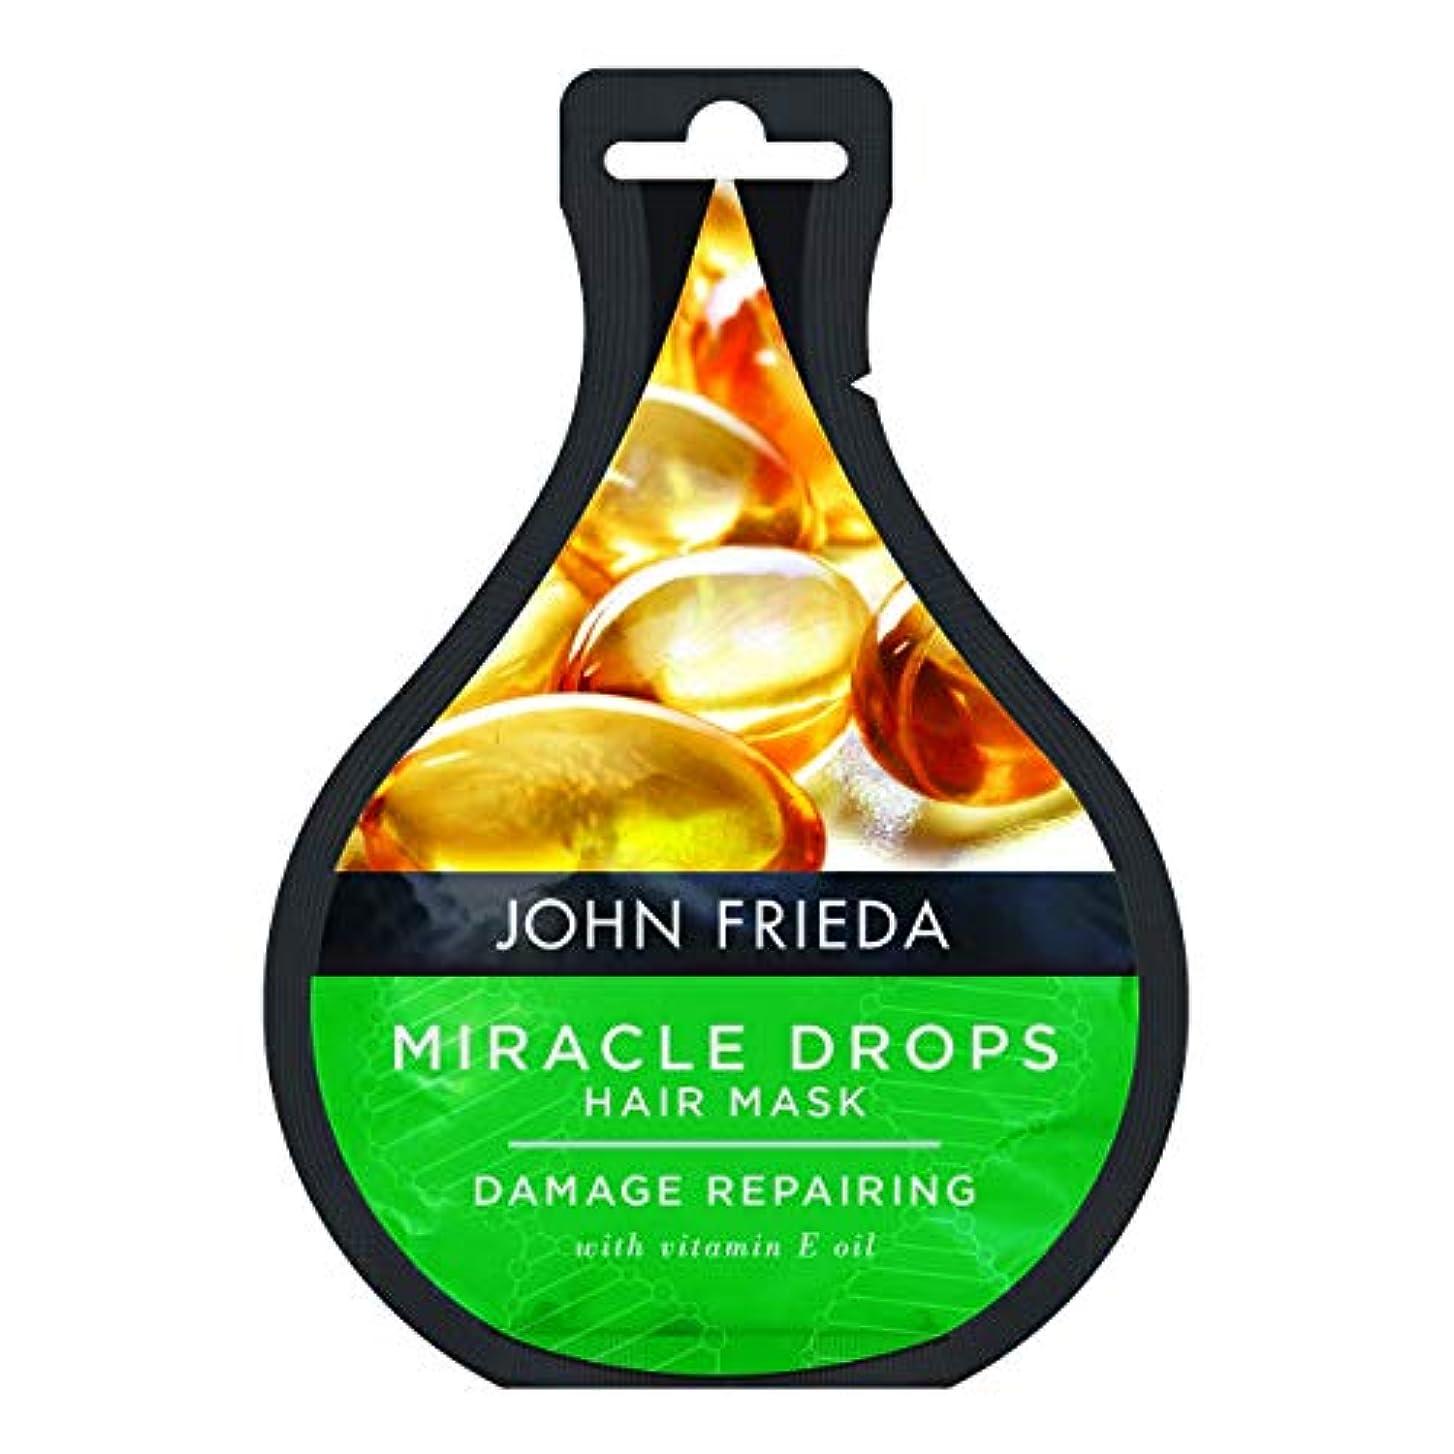 リスト区別氷John Frieda Miracleがダメージを受けた髪の毛の損傷を修復するヘアマスクを落とします。25 ml